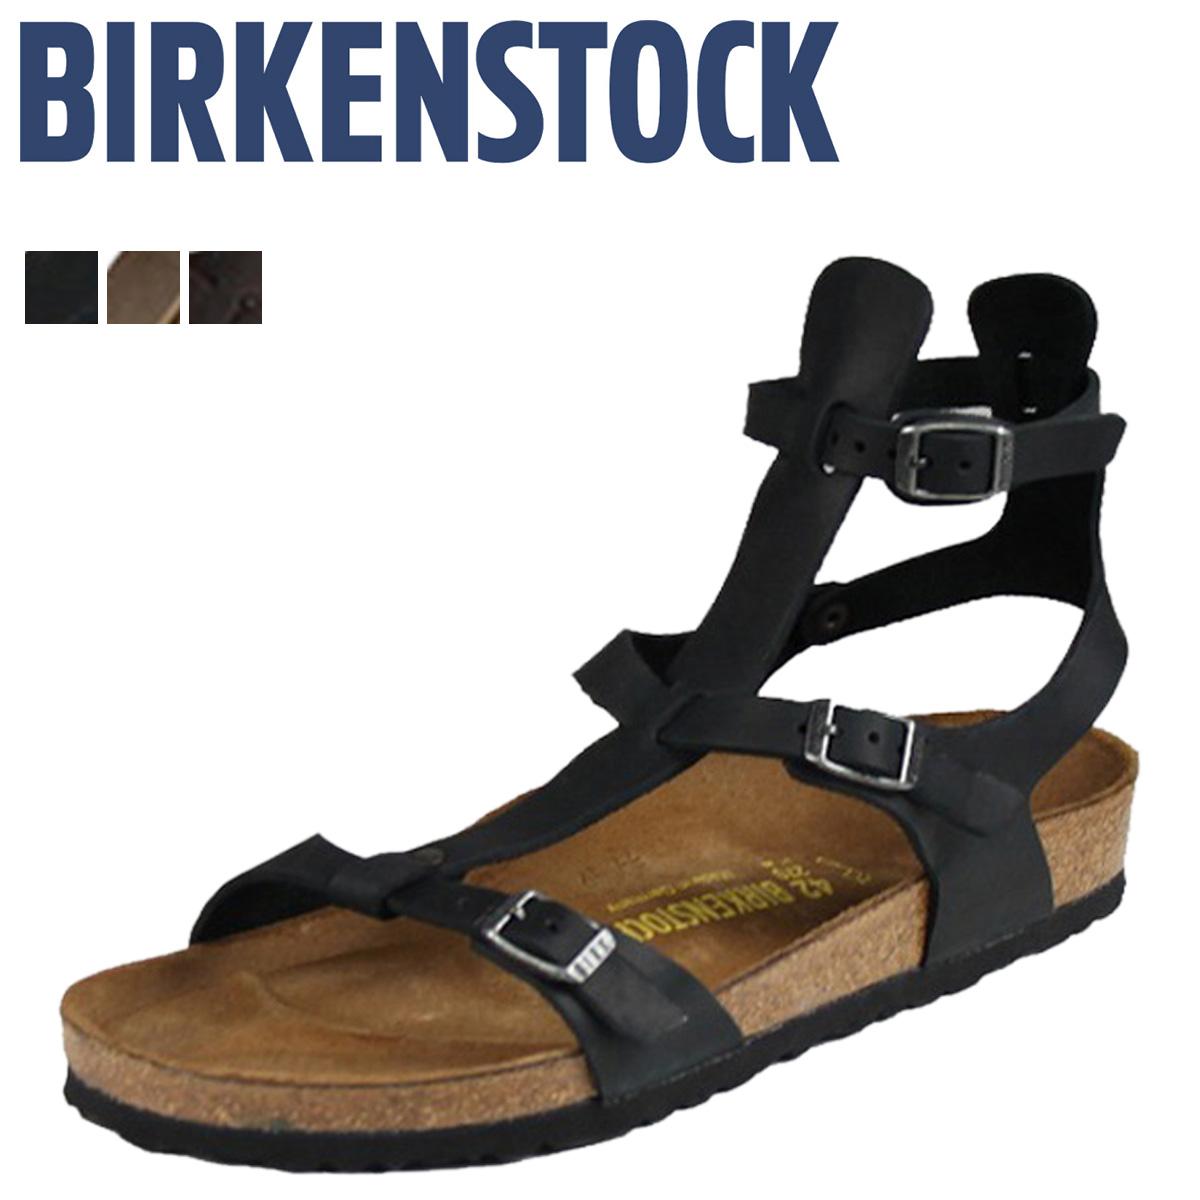 f4bee25de18a9 ALLSPORTS: Birkenstock-BIRKENSTOCK Chania CHANIA 3 color Womens mens ...